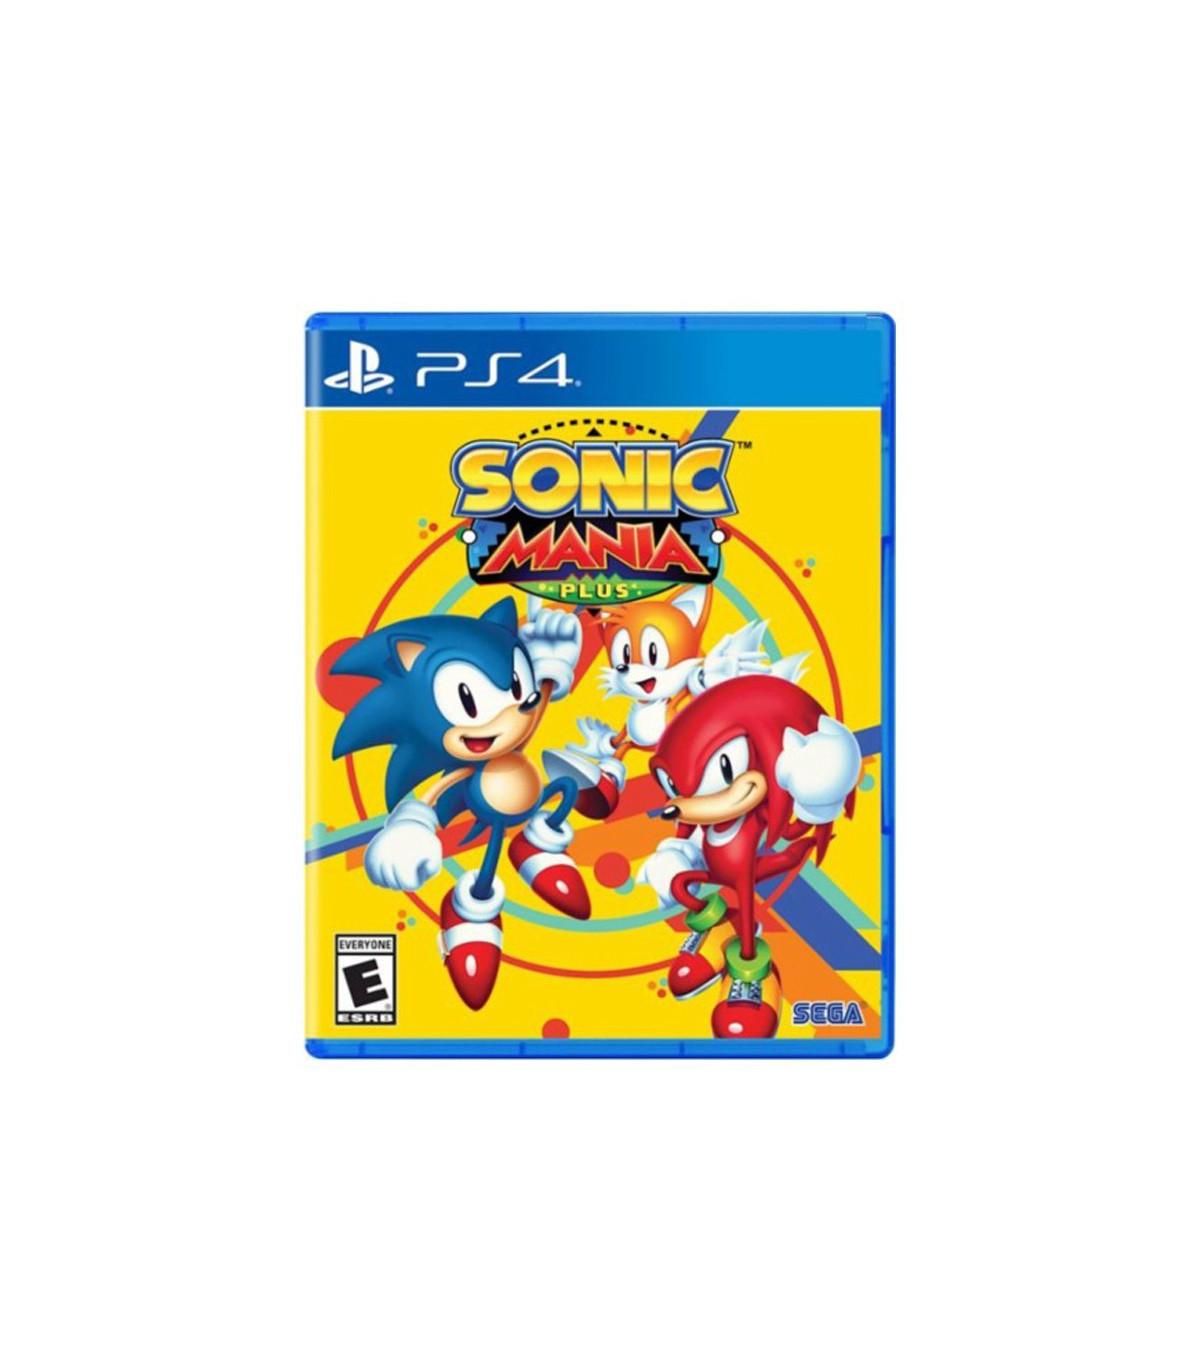 بازی Sonic Mania Plus - پلی استیشن 4